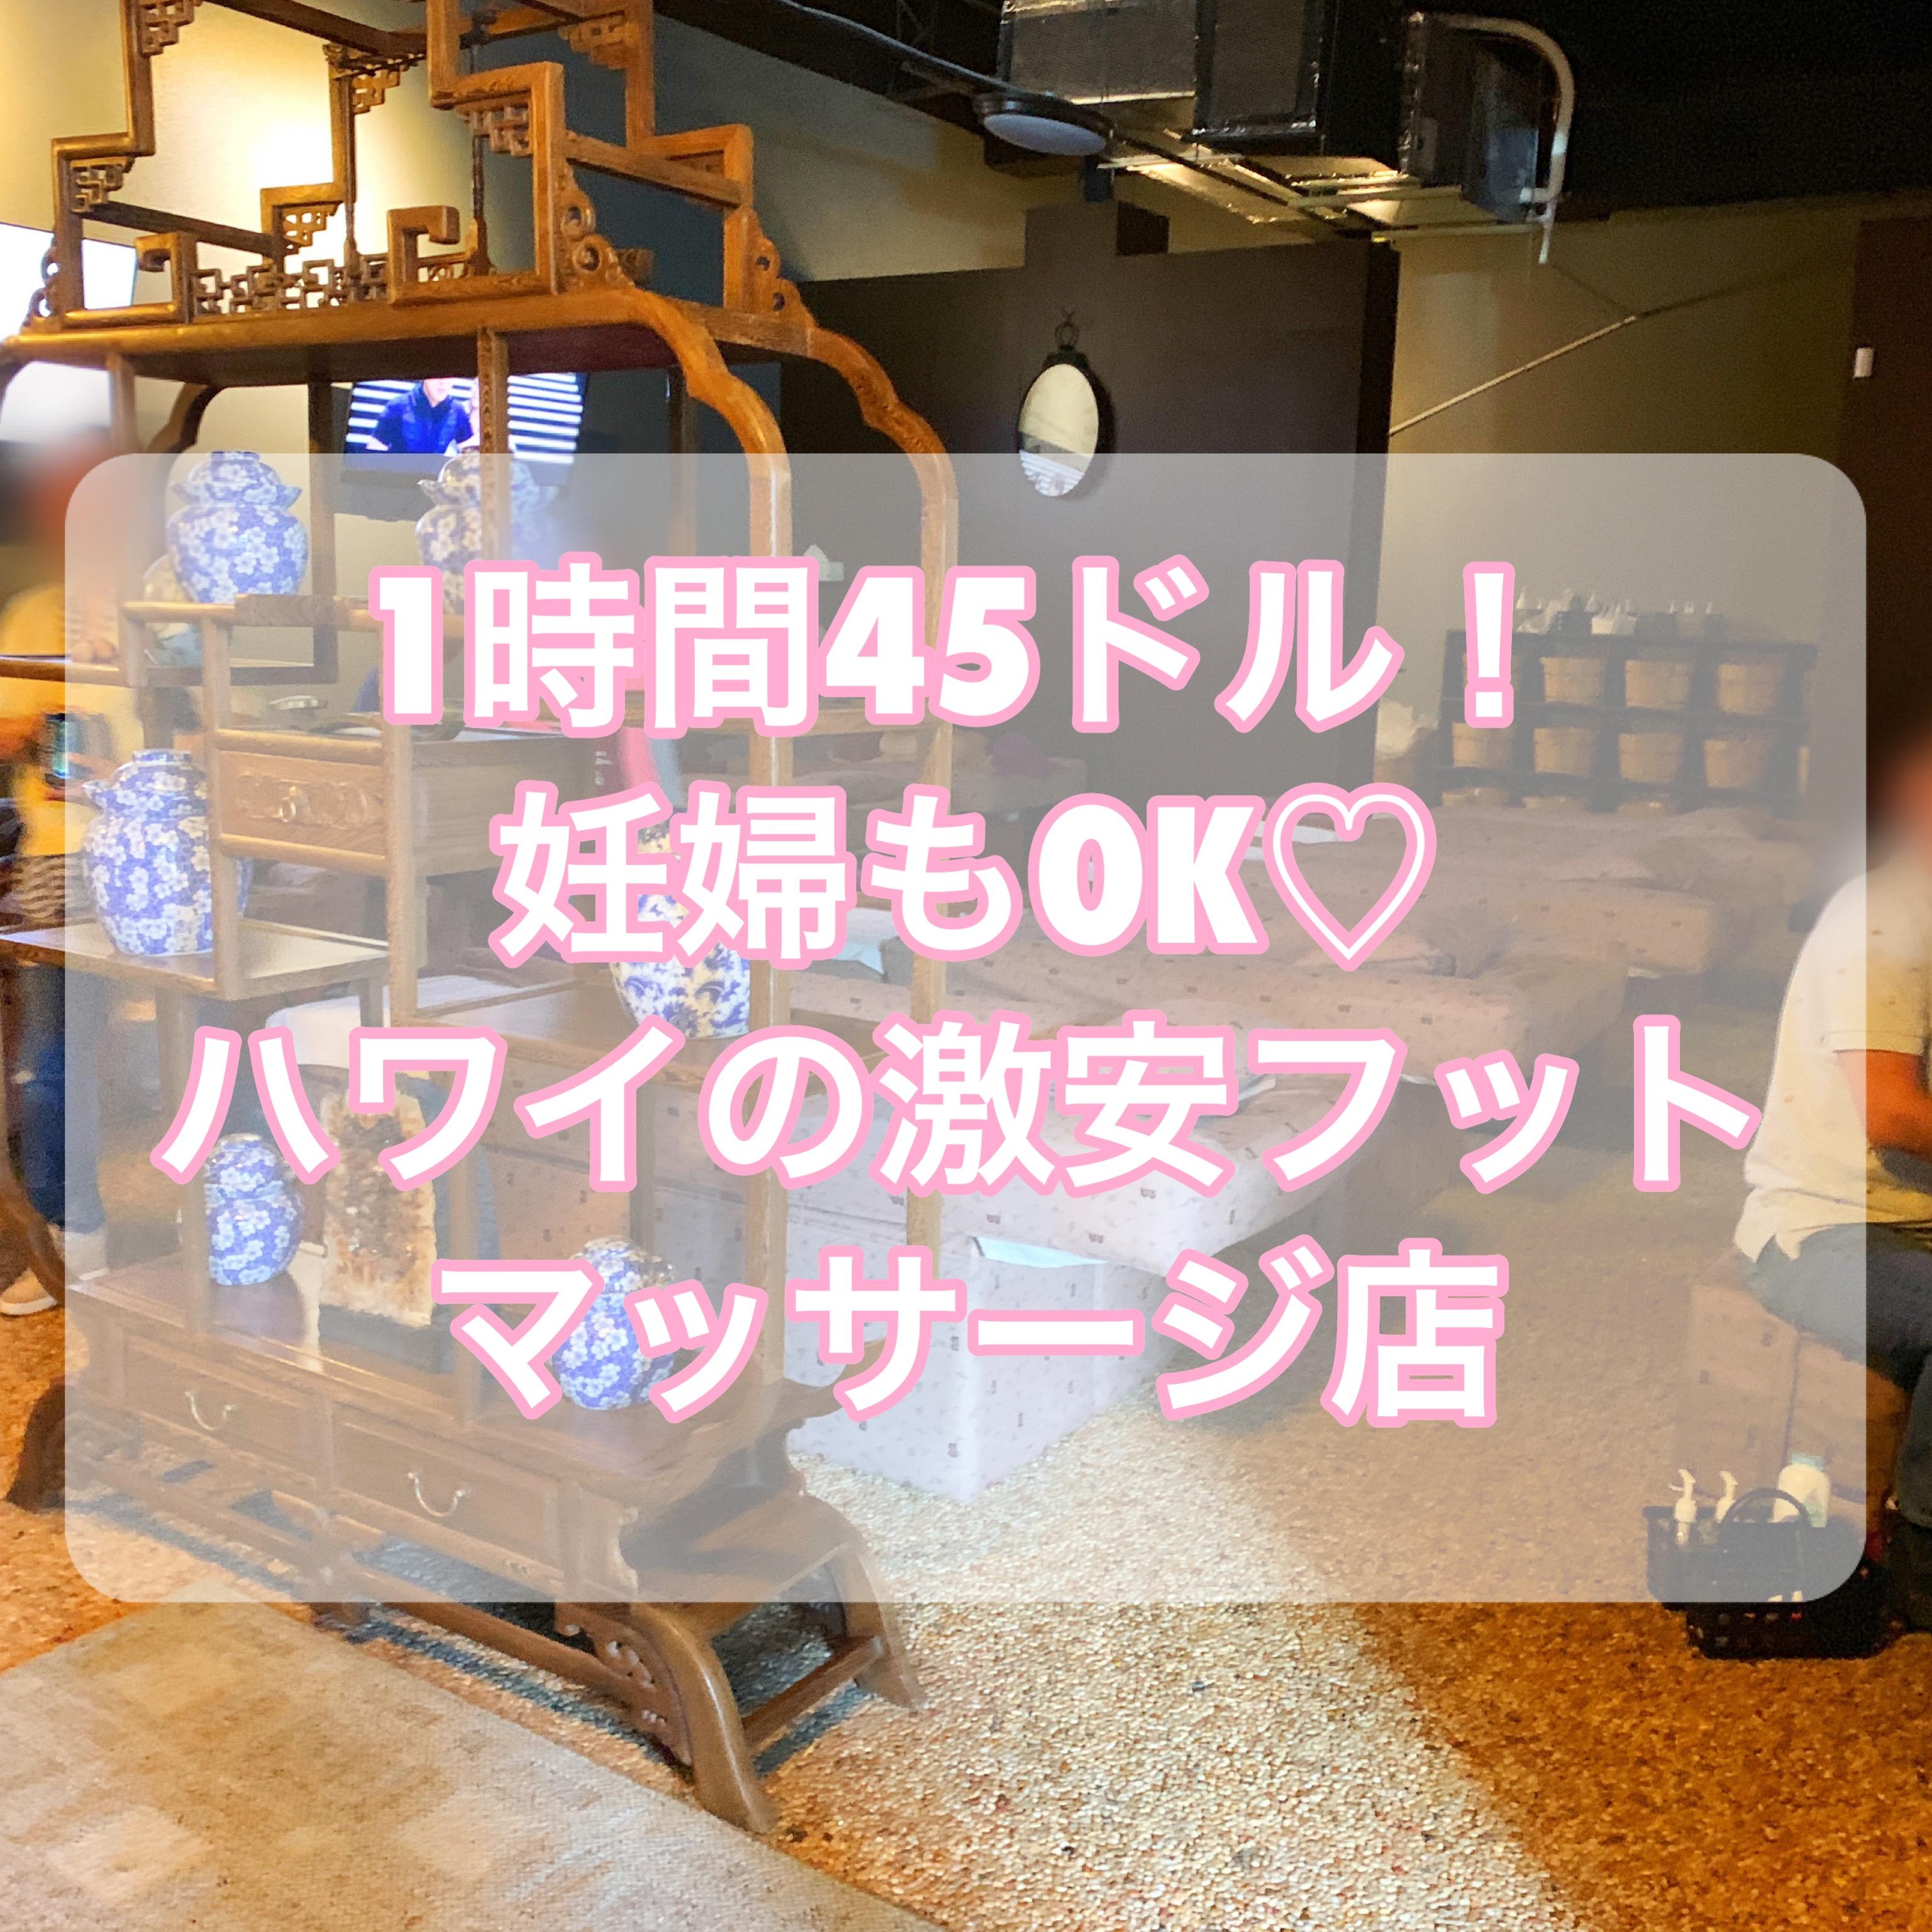 1時間45ドル!妊婦もOK♡ハワイの激安マッサージ店『ズーダオフットマッサージセンター』